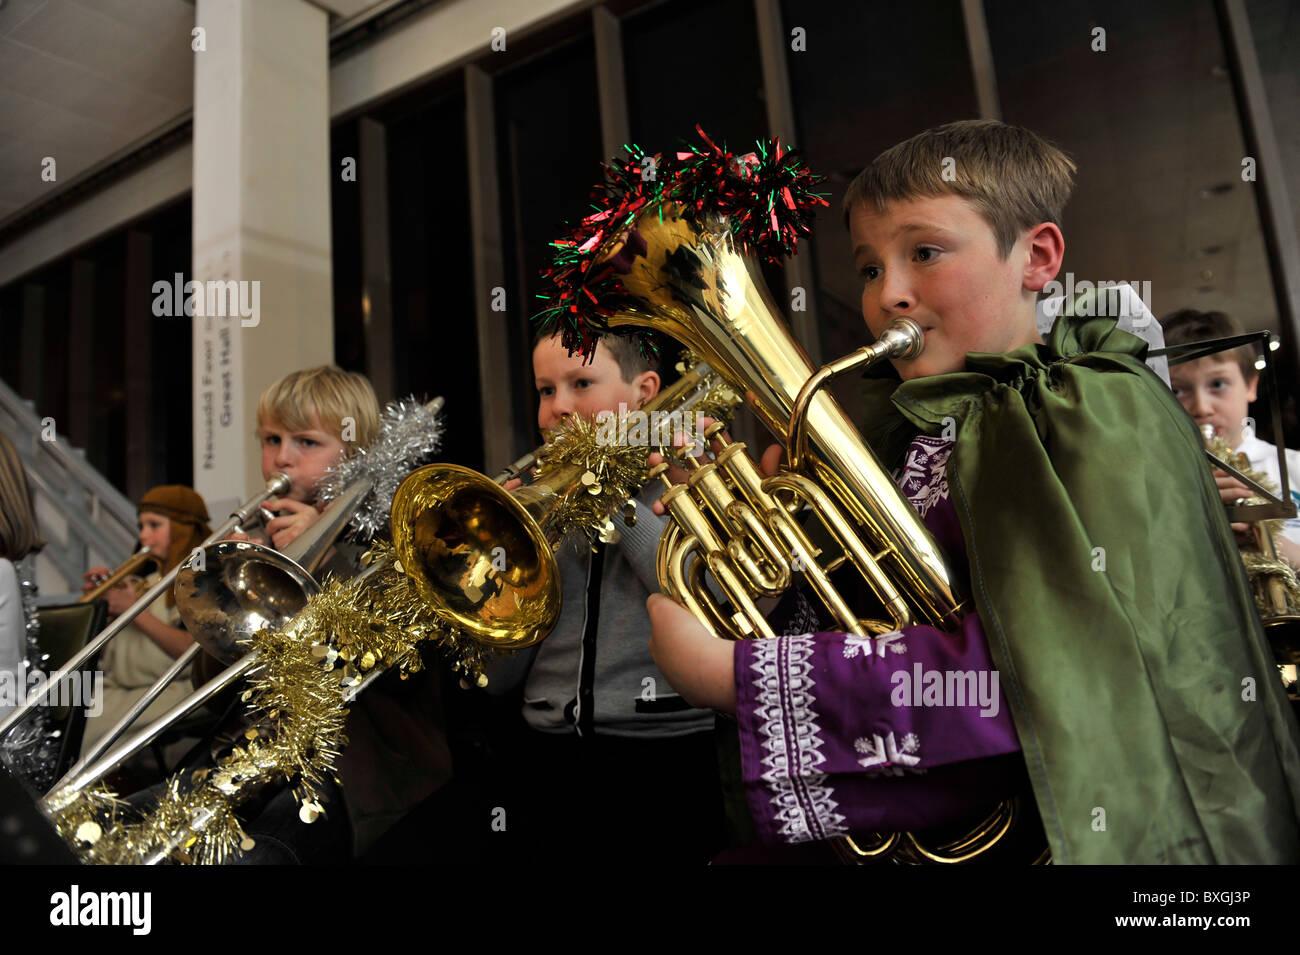 Bambini che giocano gli strumenti musicali in una scuola primaria natale natività play, REGNO UNITO Immagini Stock